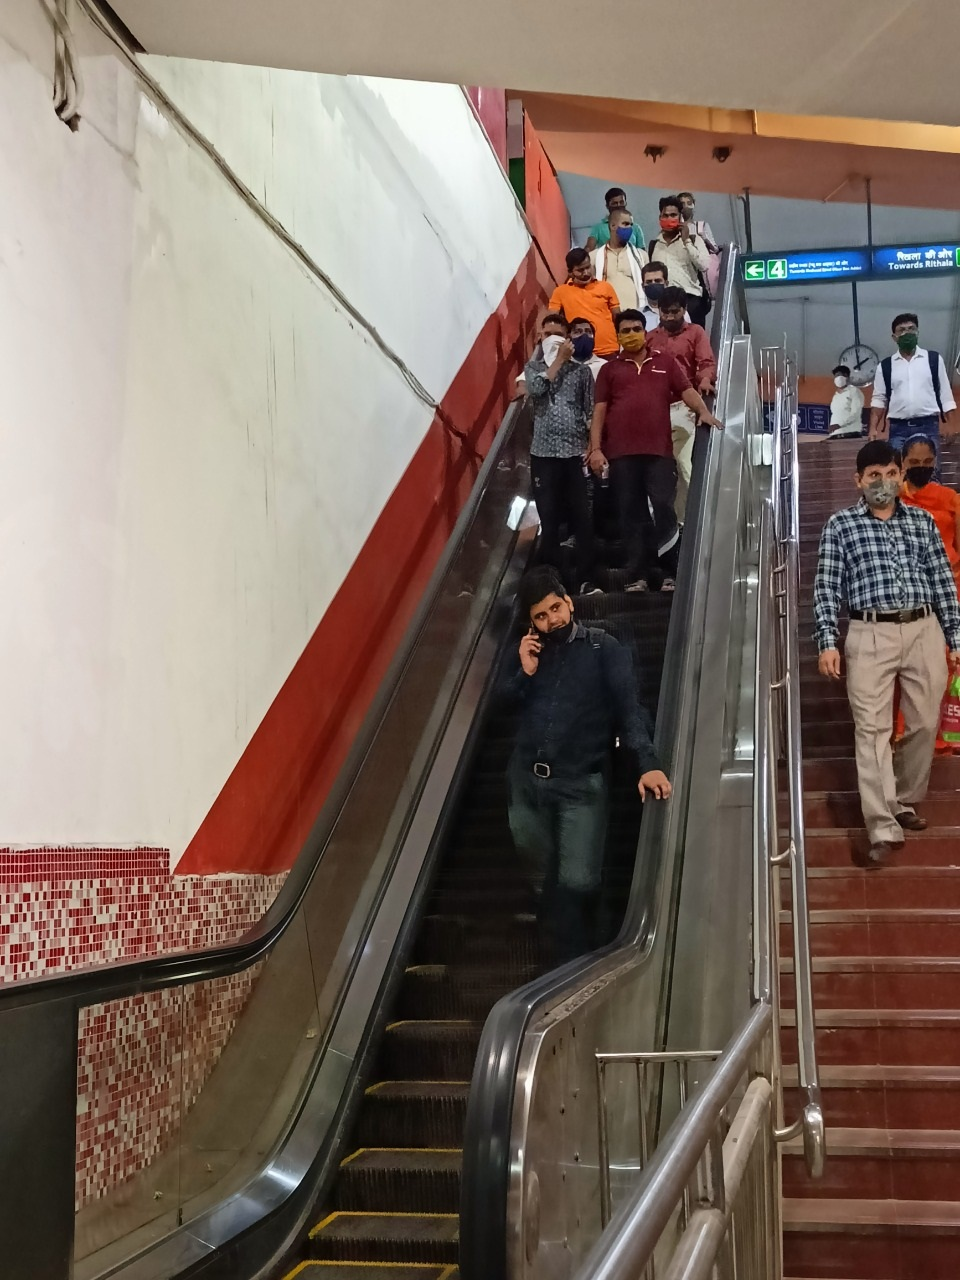 दिल्ली मेट्रो ने पहले-दूसरे चरण के मेट्रो स्टेशनों पर लगाए 22 नए एस्कलेटर्स